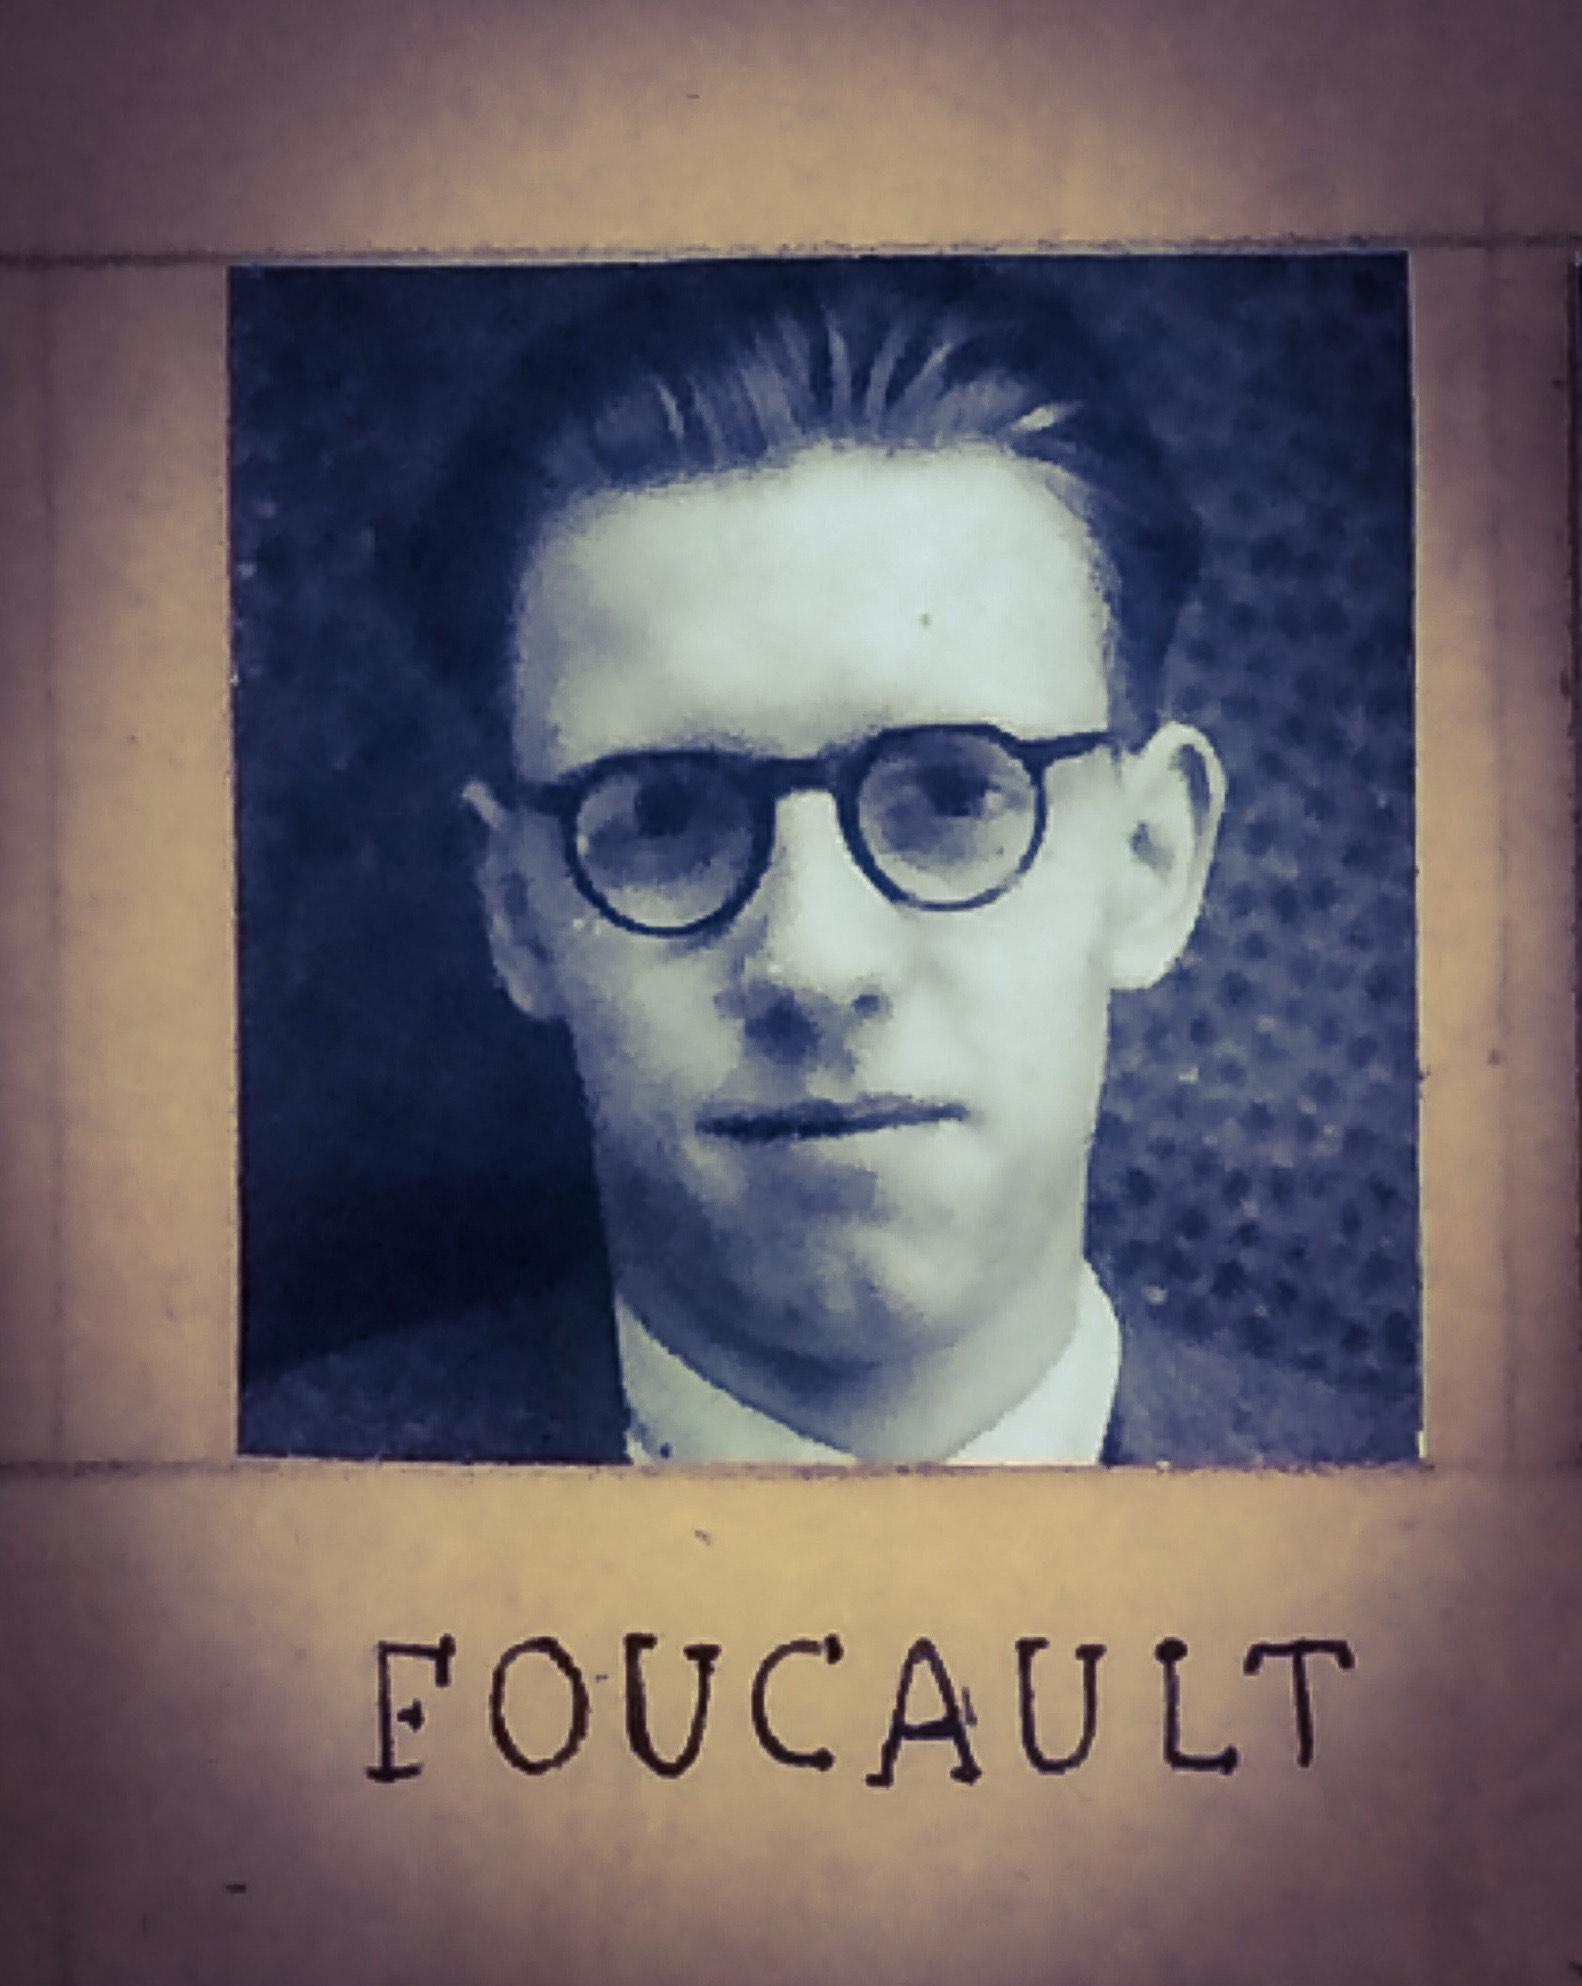 Ecole normale supérieure. Promotion de 1946 : trombinoscope. - Paris.  Bibliothèque des lettres et sciences humaines de l'Ecole normale  supérieure. Cote :  PHO D/2/1946/1